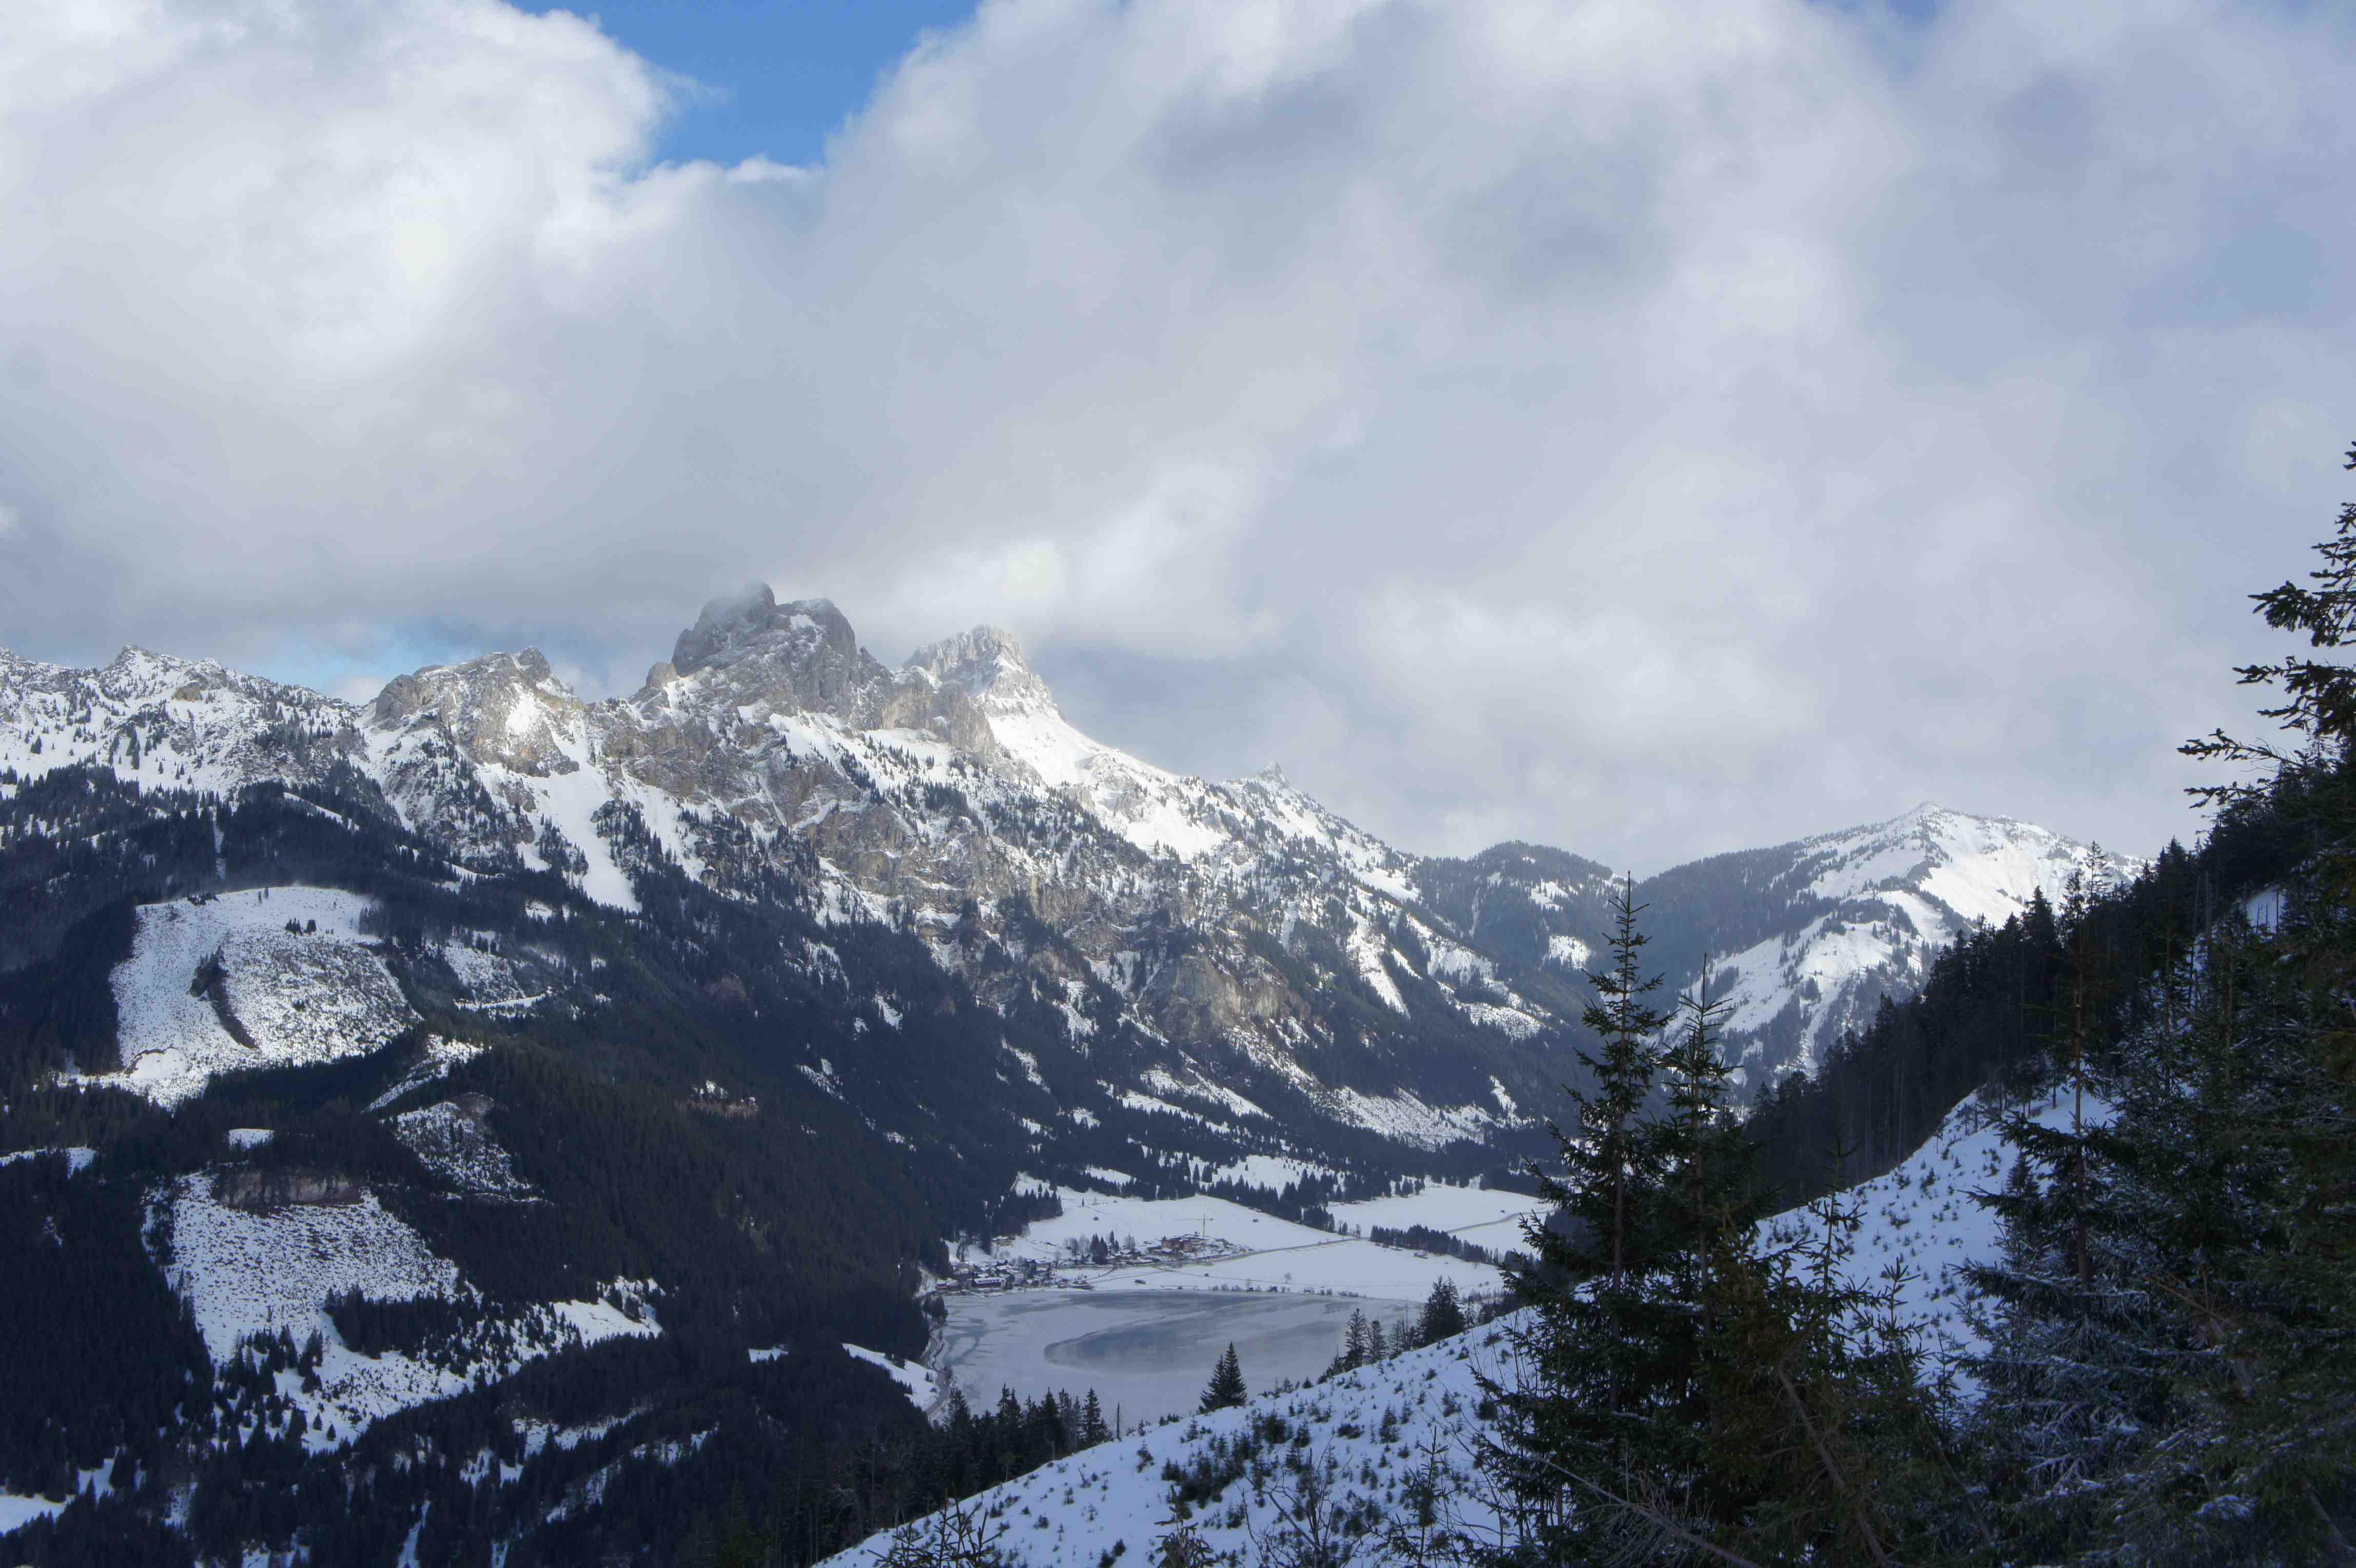 Das Tannheimer Tal: Schnee, Eis und frostig Temperaturen. Ideales Testgebiet für Daunenjacken!  Foto: (c) Kinderoutdoor.de